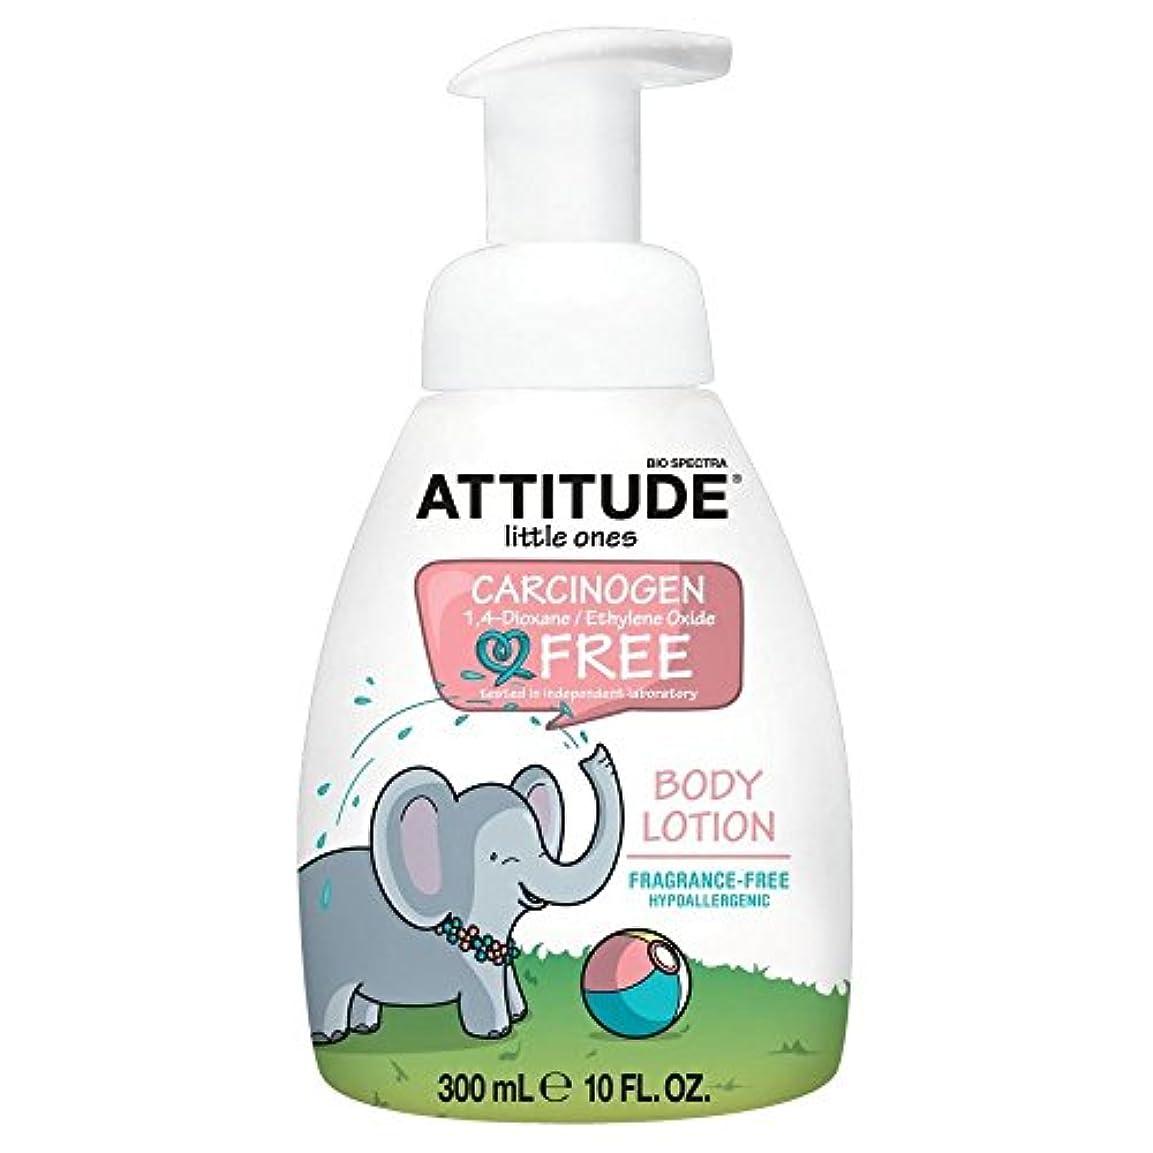 ブリリアント楕円形肉のAttitude Little Ones Body Lotion - Fragrance Free (295ml) 態度の小さなものボディローション - 無香料( 295ミリリットル)